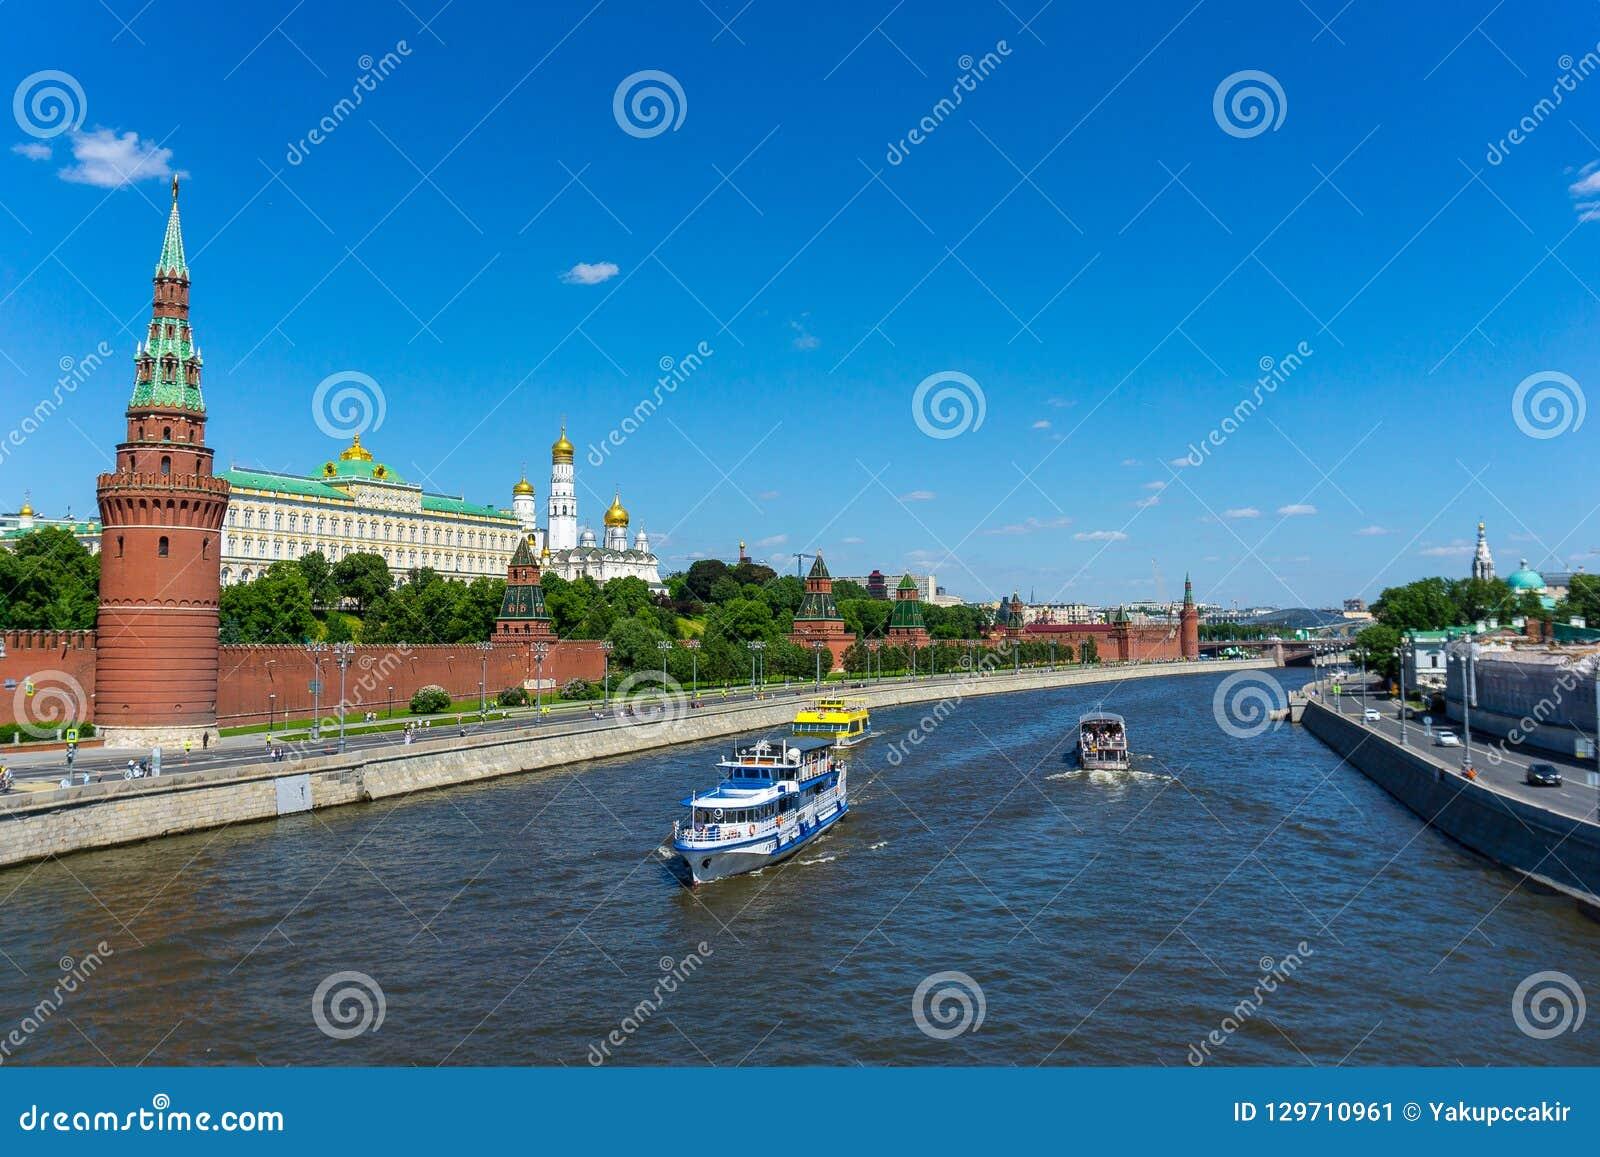 Palast Moskaus der Kreml von der Brücke auf dem Fluss